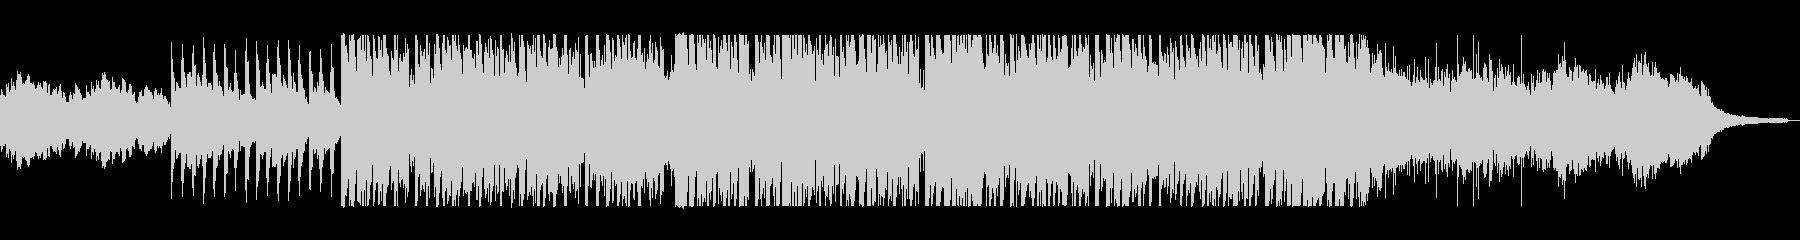 ピアノのメロディーがきれいの未再生の波形